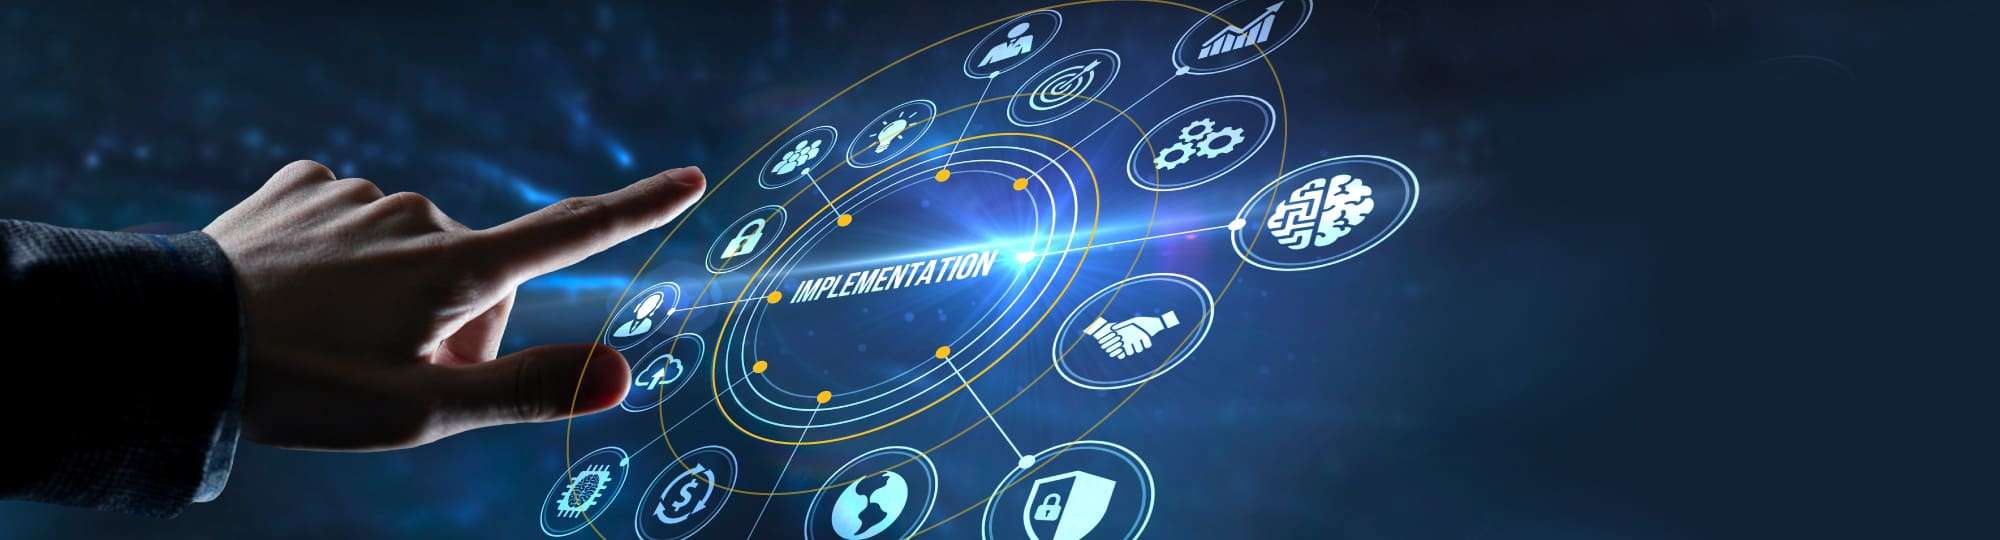 SAP implementation